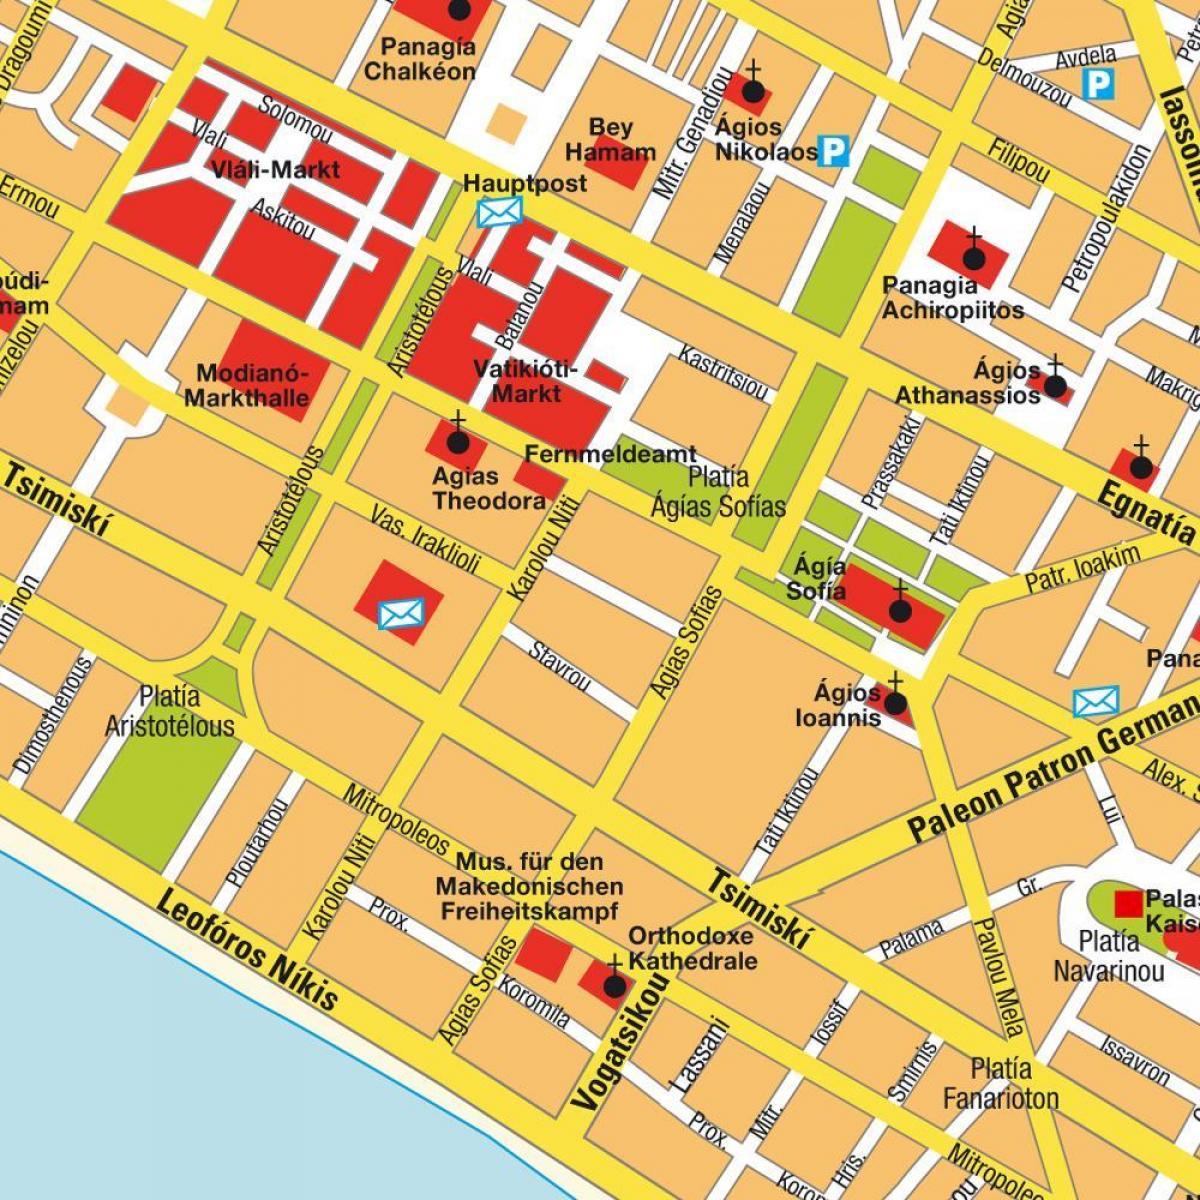 Grecia Salonic Arată Hartă Harta Grecia Salonic Europa De Sud